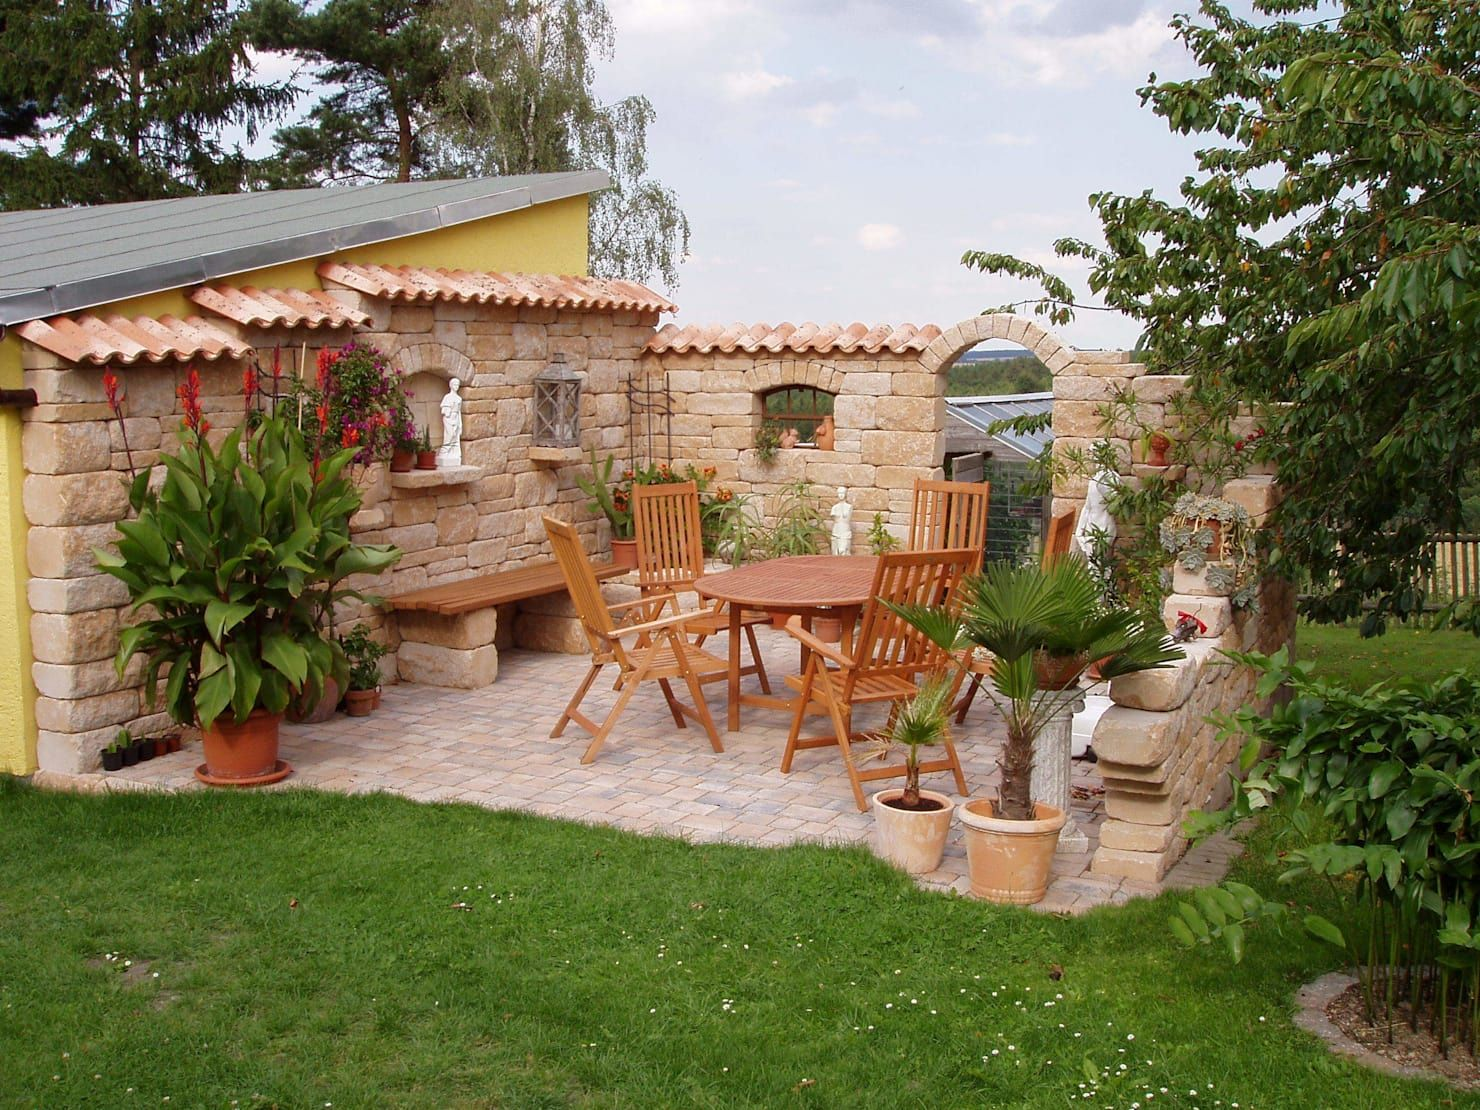 Il giardino mediterraneo 26 idee da copiare giardino for Giardino mediterraneo